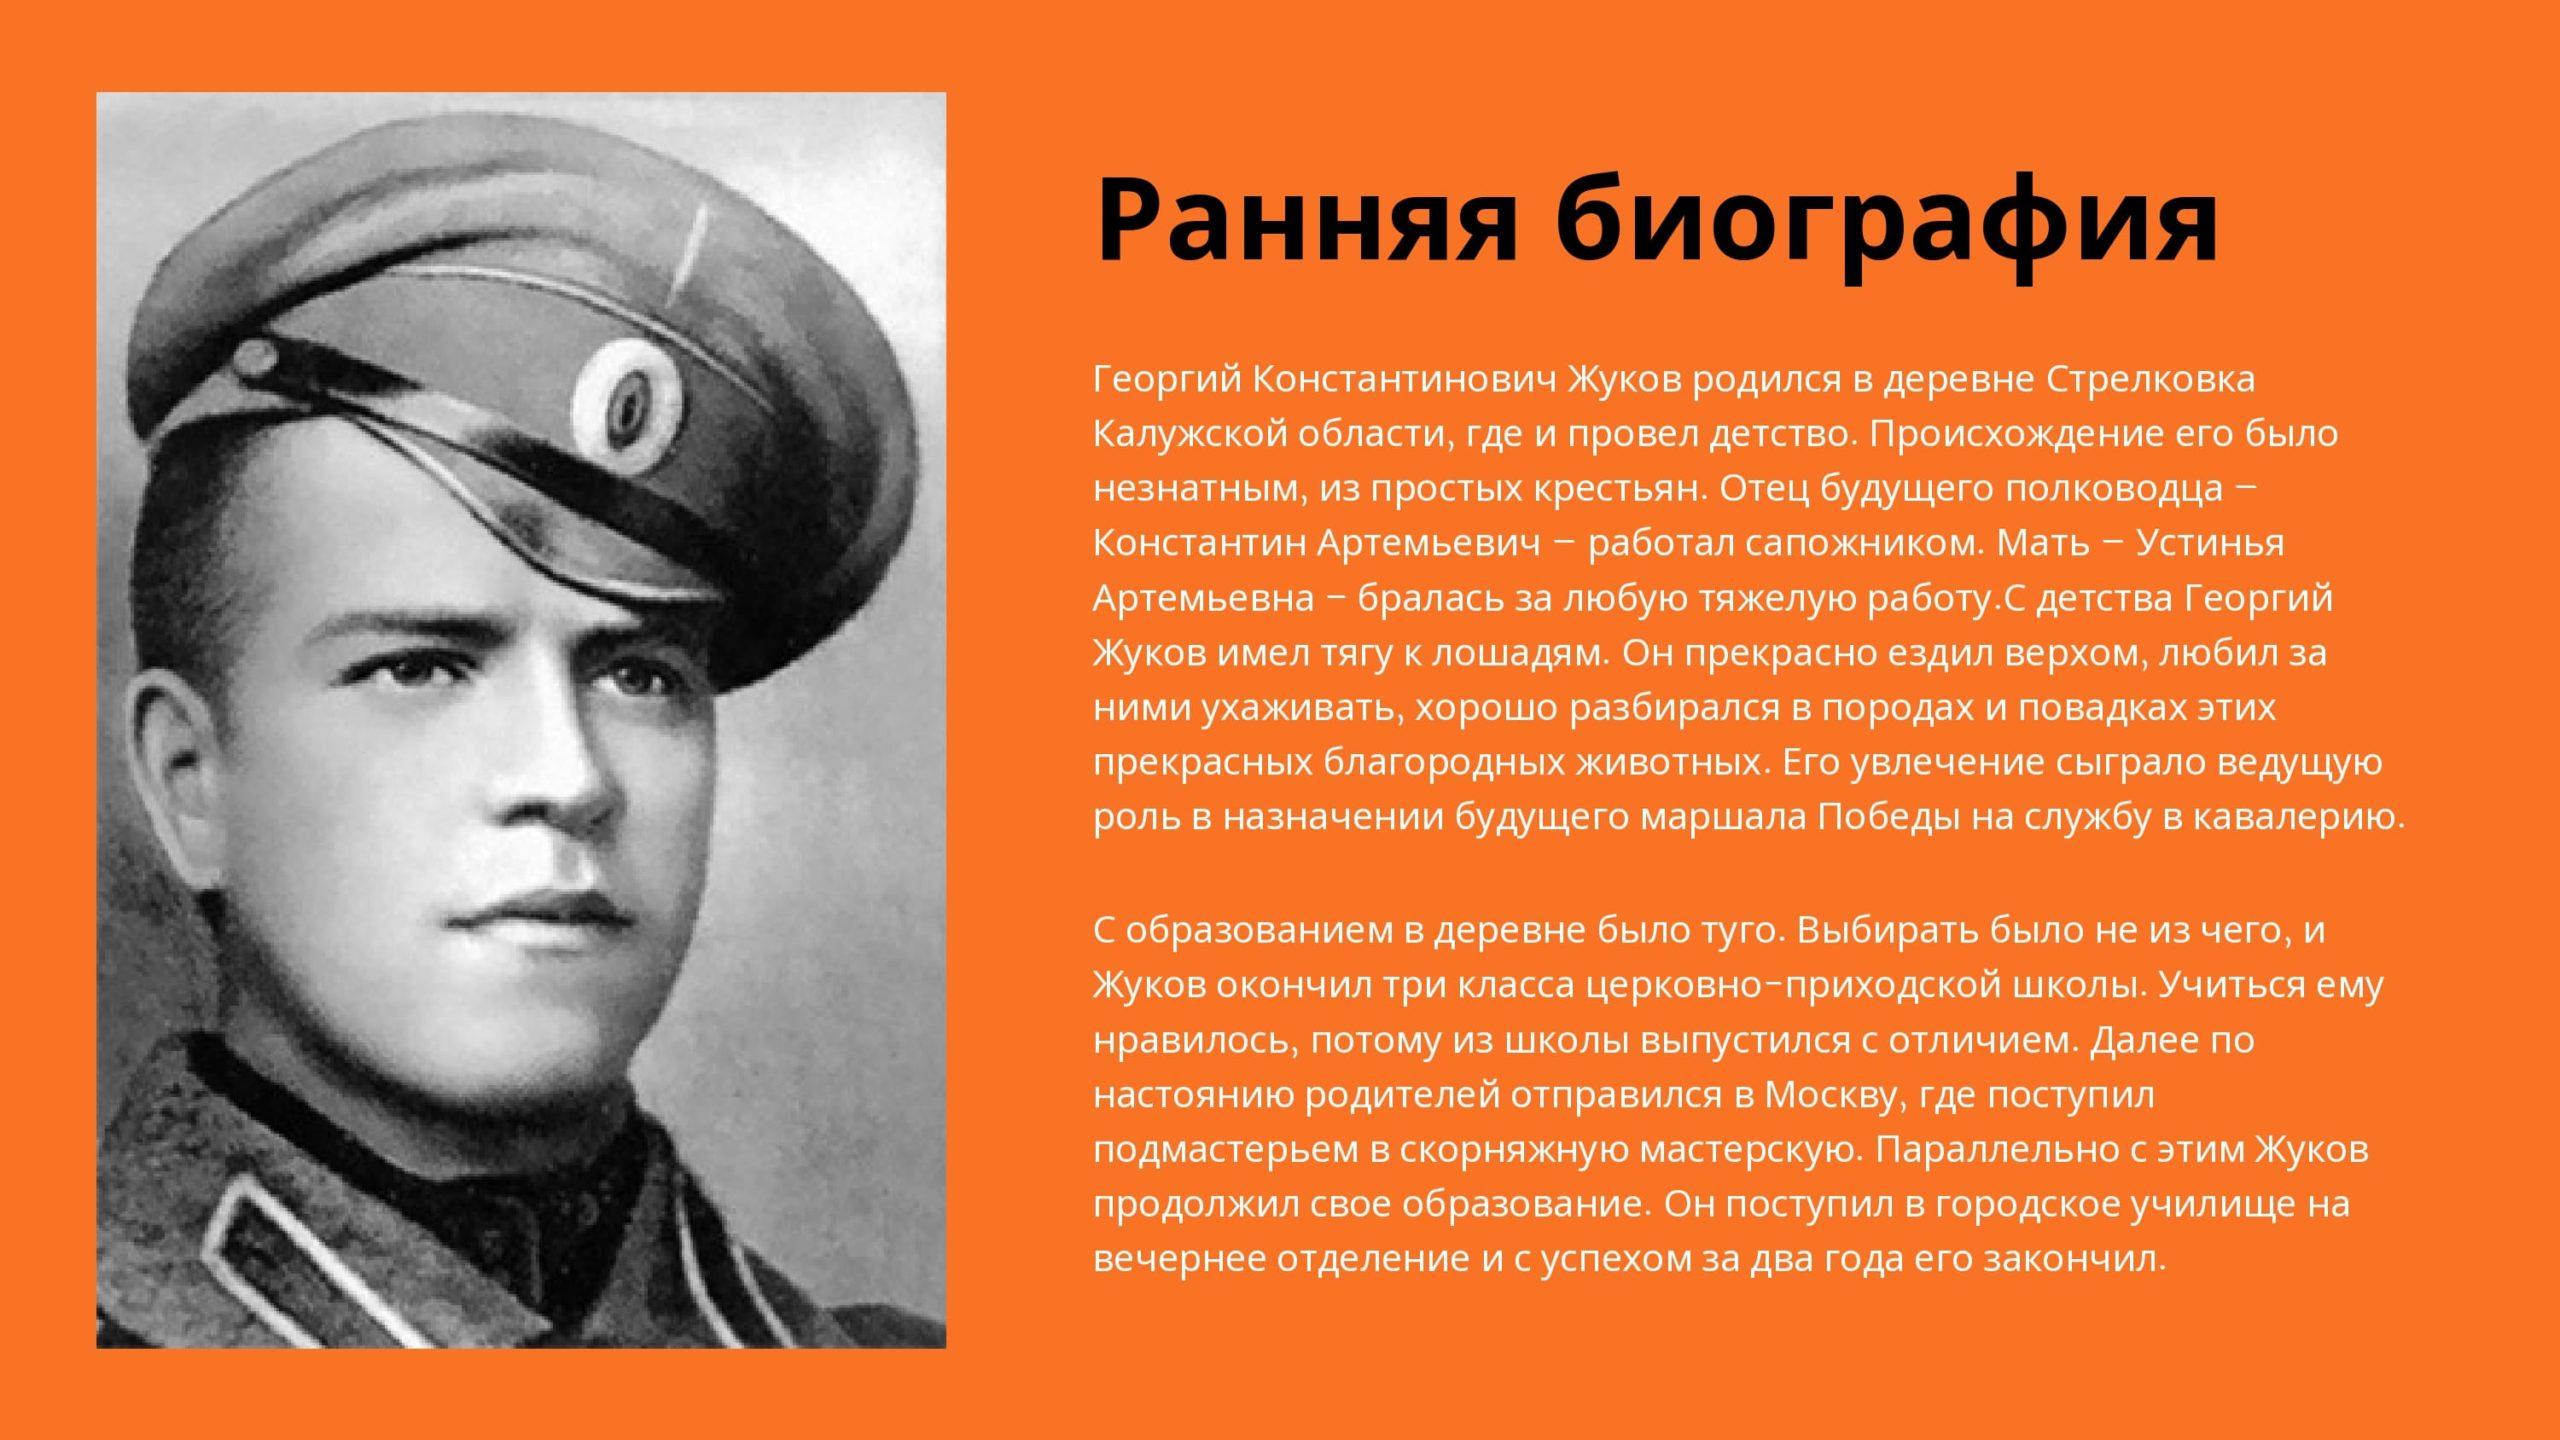 Георгий Константинович Жуков. Ранняя биография